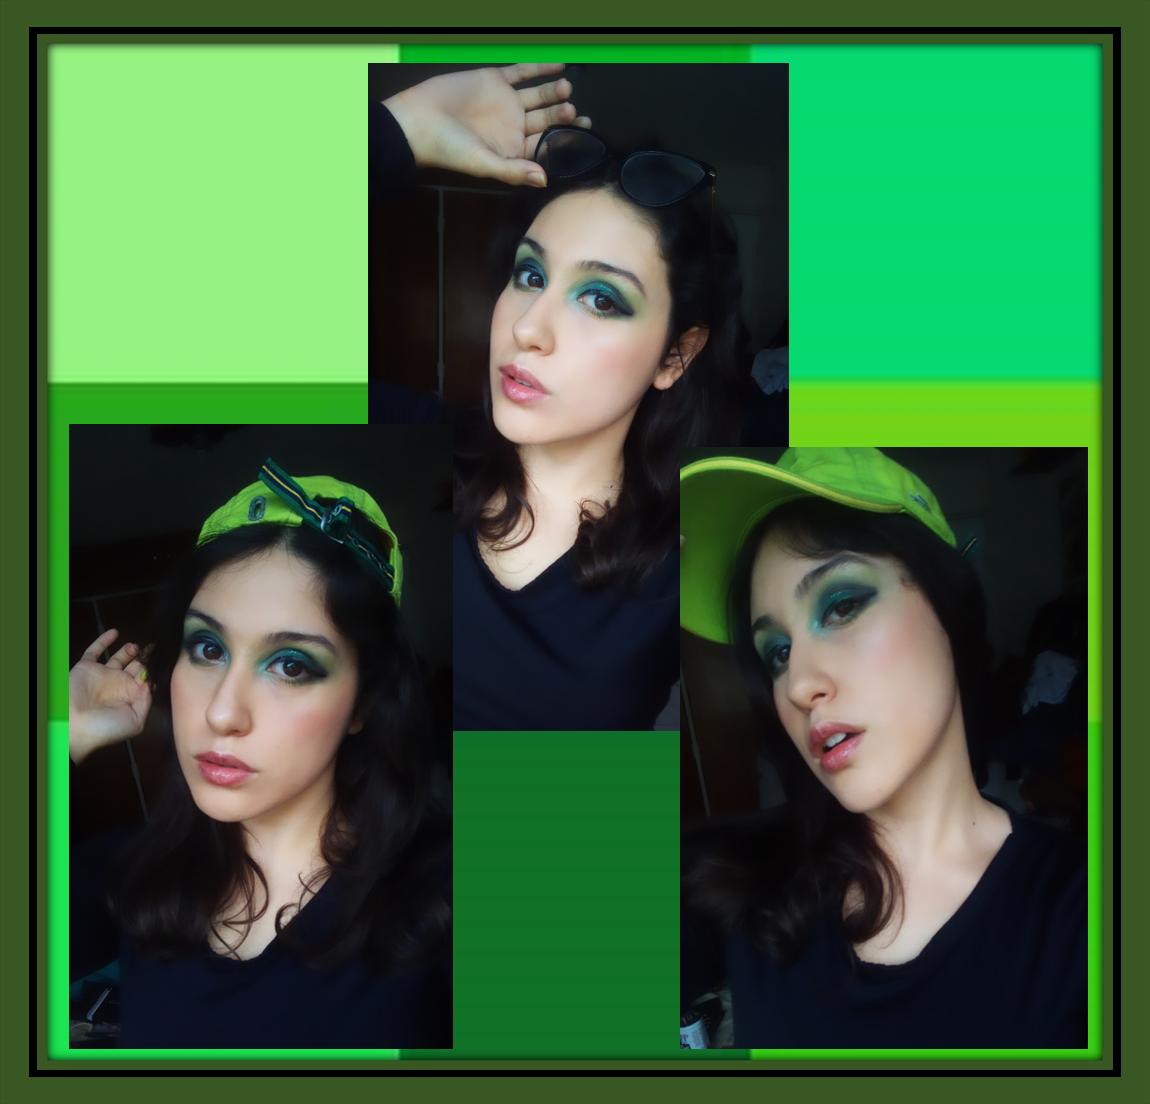 verde2.png